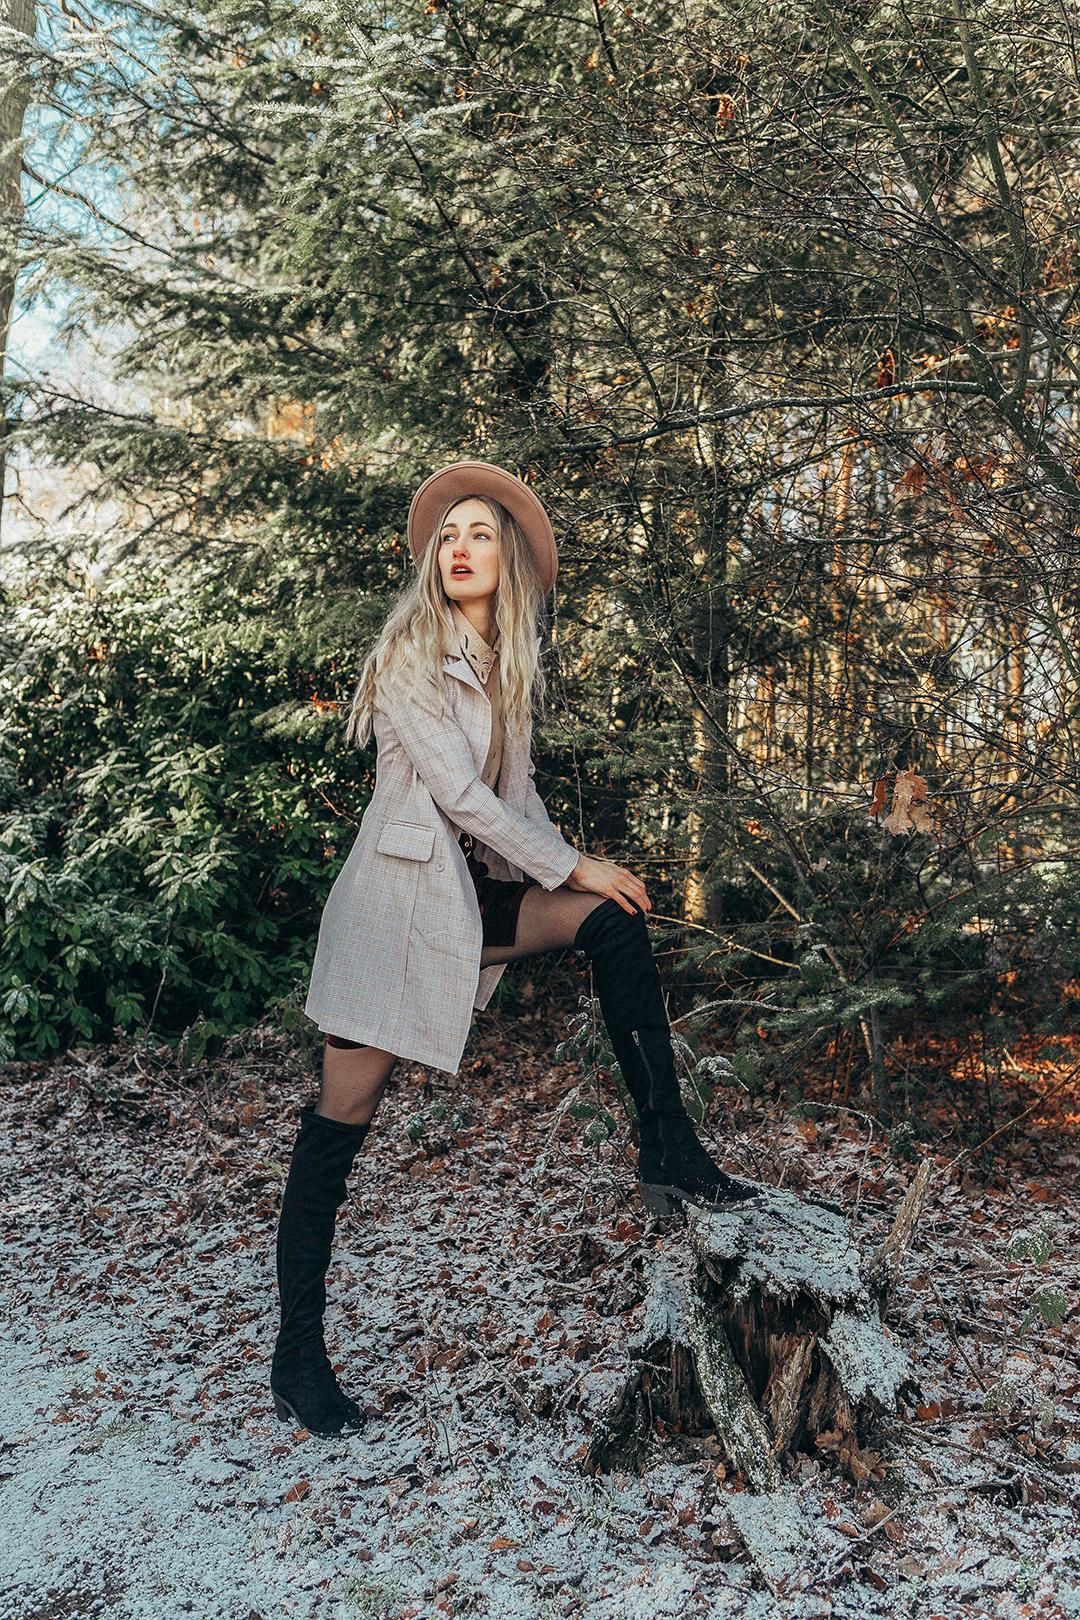 modeblogger nederland